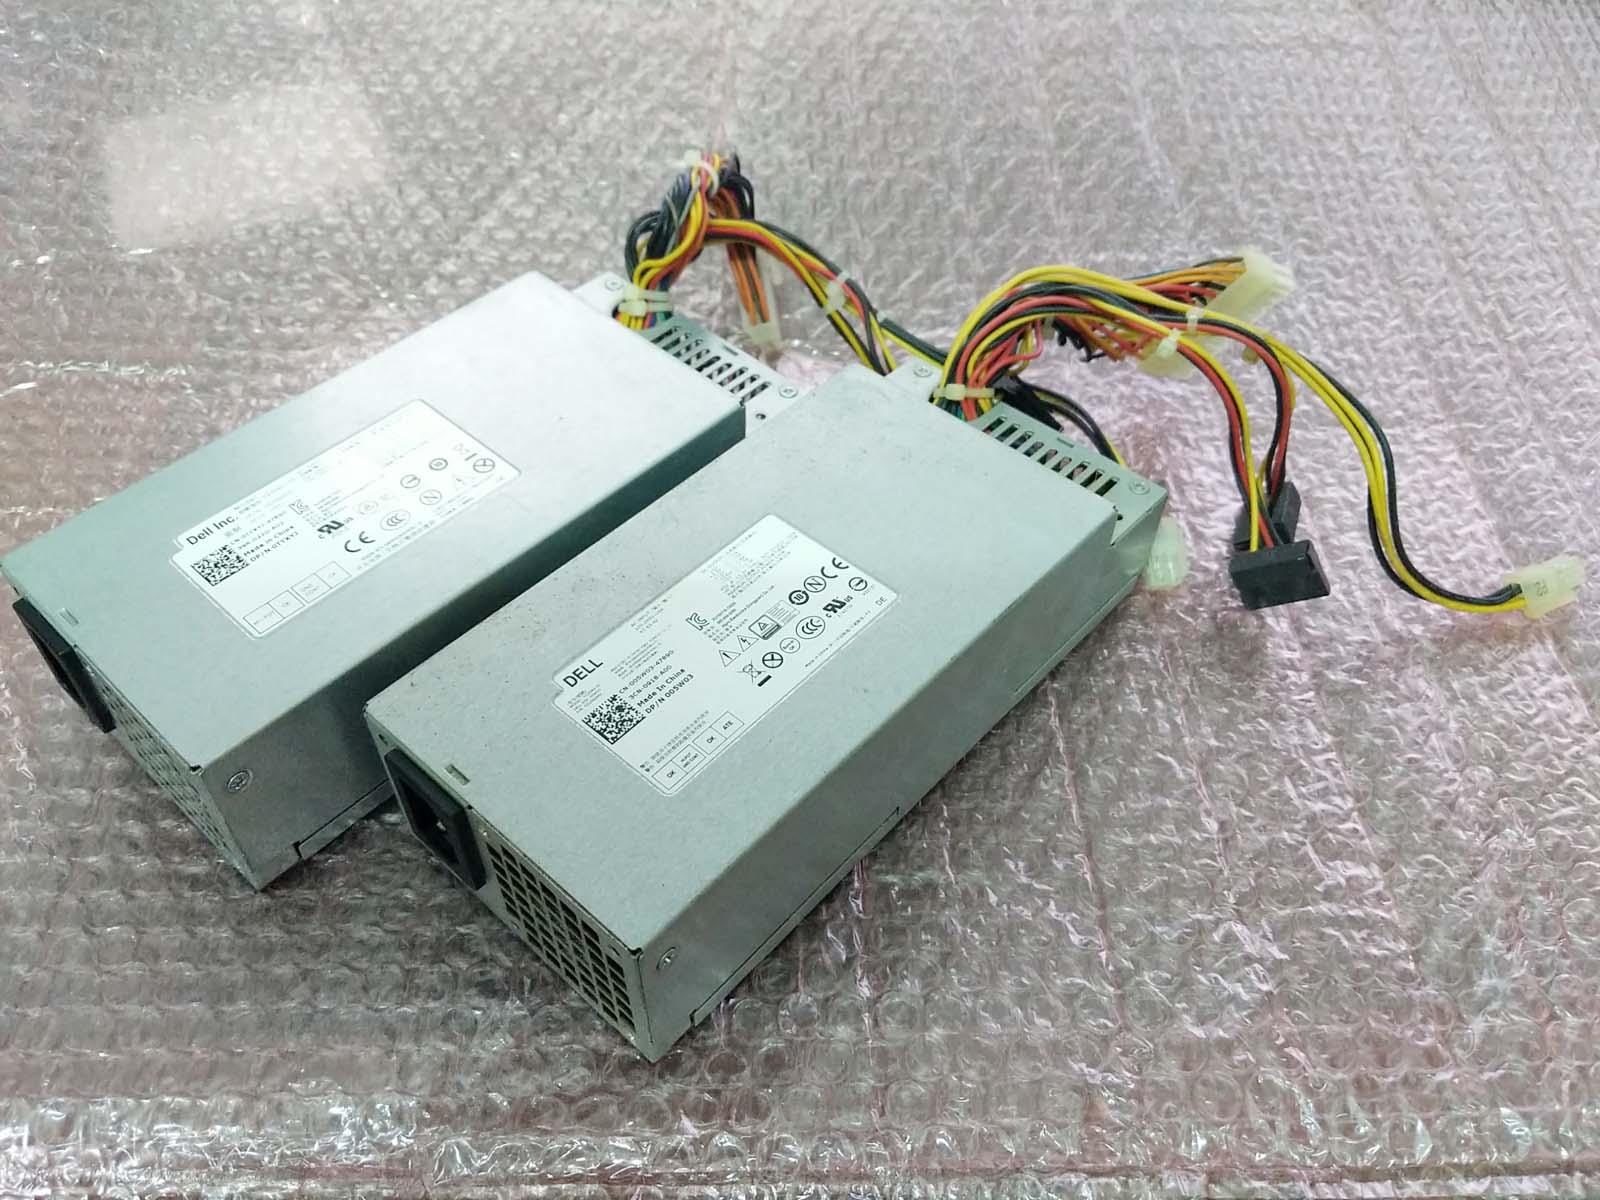 Bảng giá Bộ nguồn PSU Dell 270 270s 660s 3647 220w 0R82H5 06XYV0 0FXV31 0TTXYJ 005W03 H220AS-00 D220A005L 12610 SunMit Phong Vũ